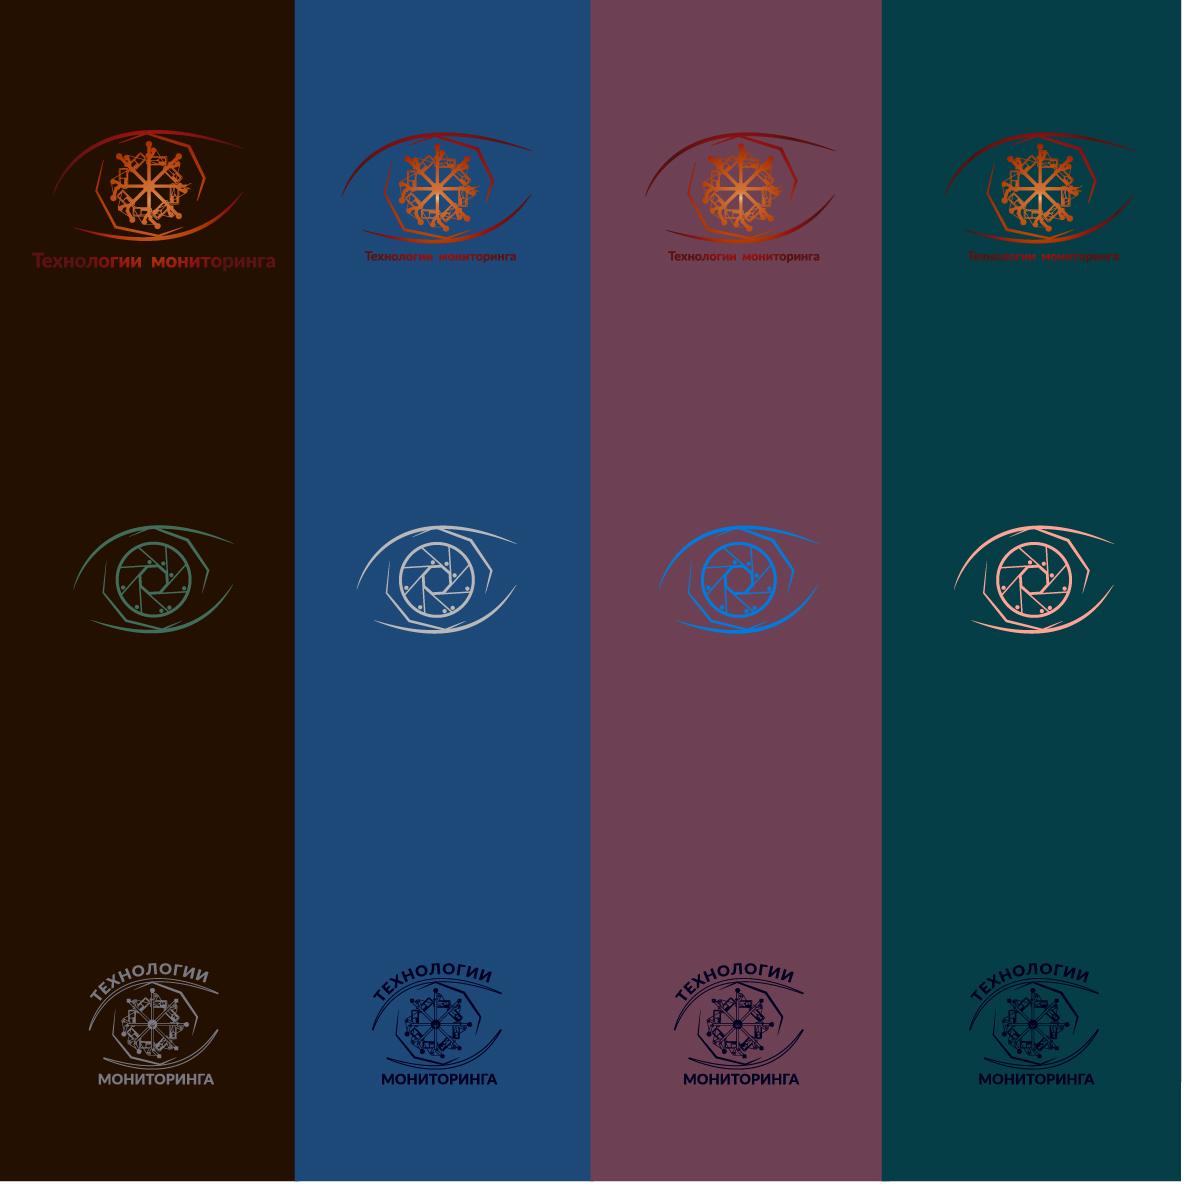 Разработка логотипа фото f_8915976a5f4d0343.jpg